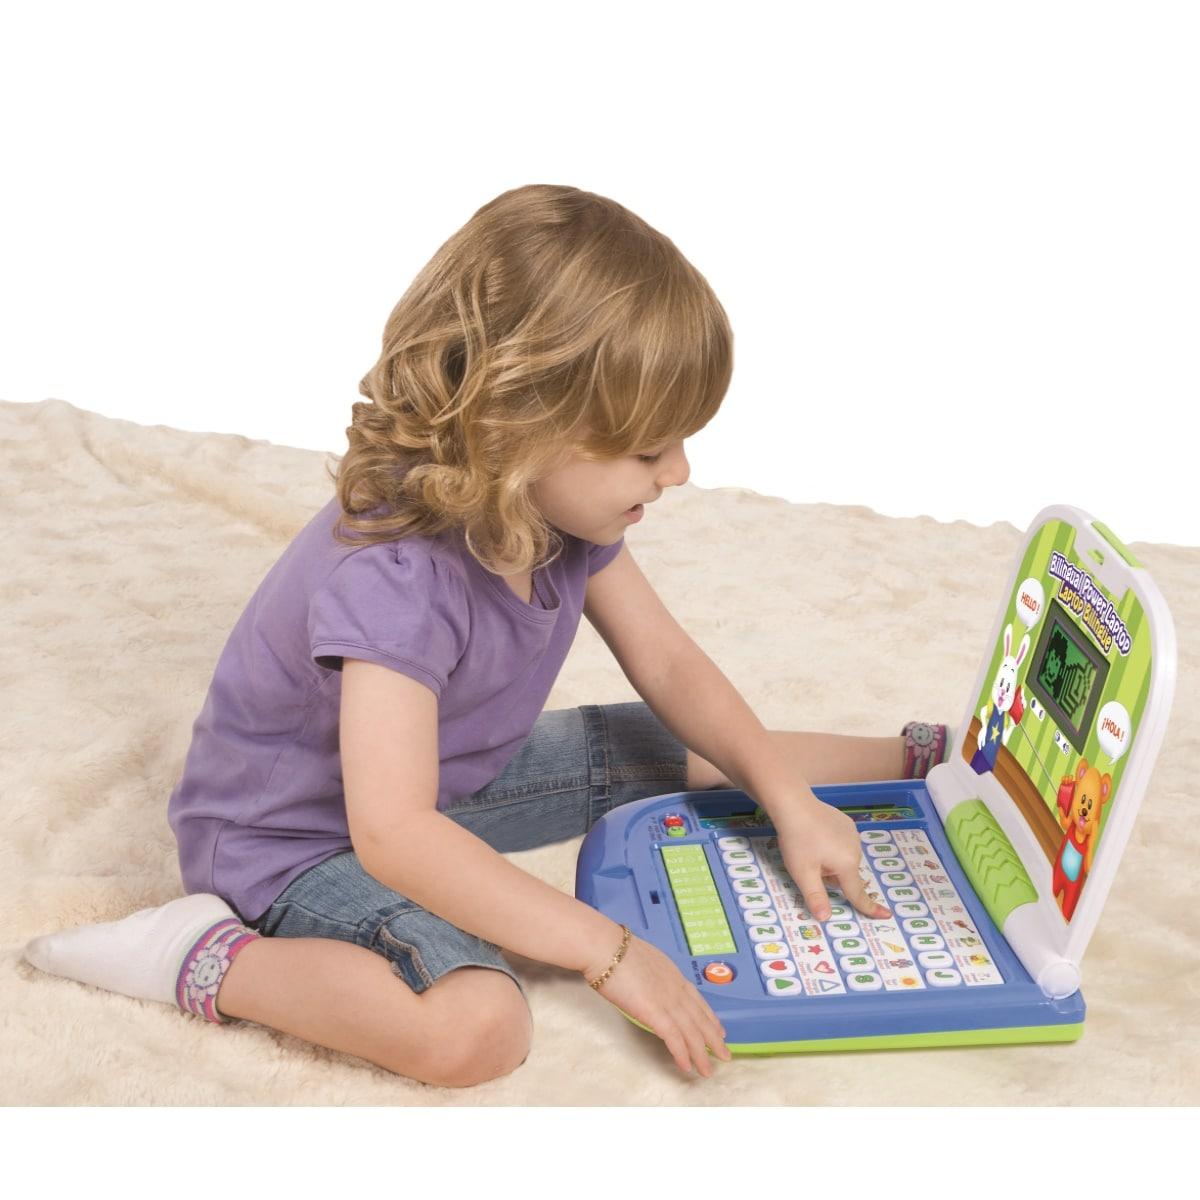 Laptop interaktywny Smily Play dwujęzyczny